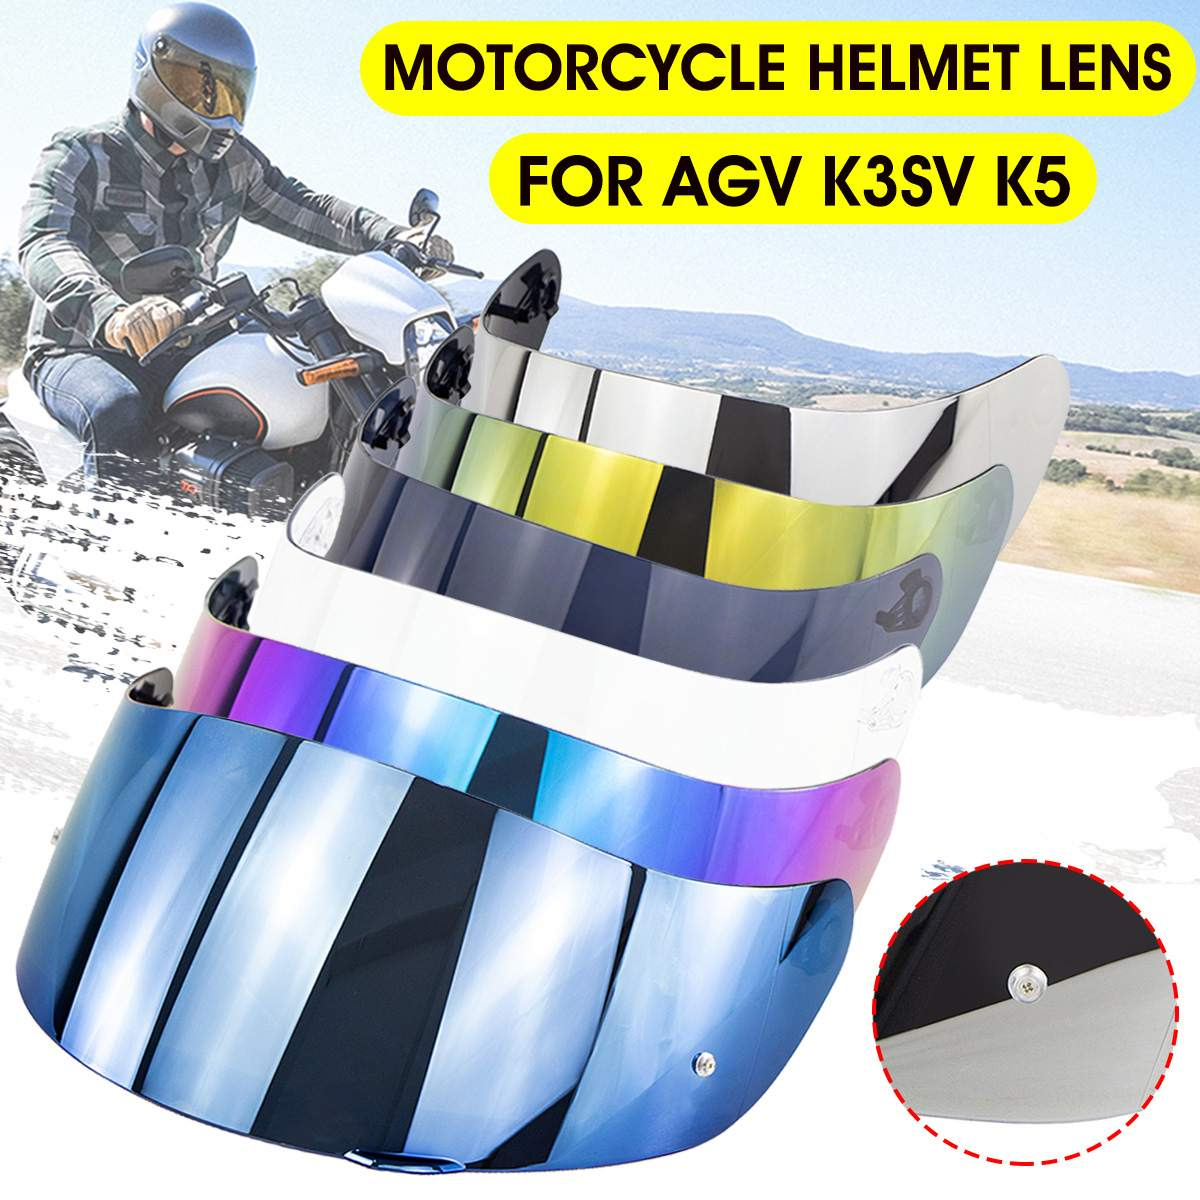 For JIEKAI 316 902 Model GXT 902 Model K3SV K5 Motorcycle Helmet Glasses Visors